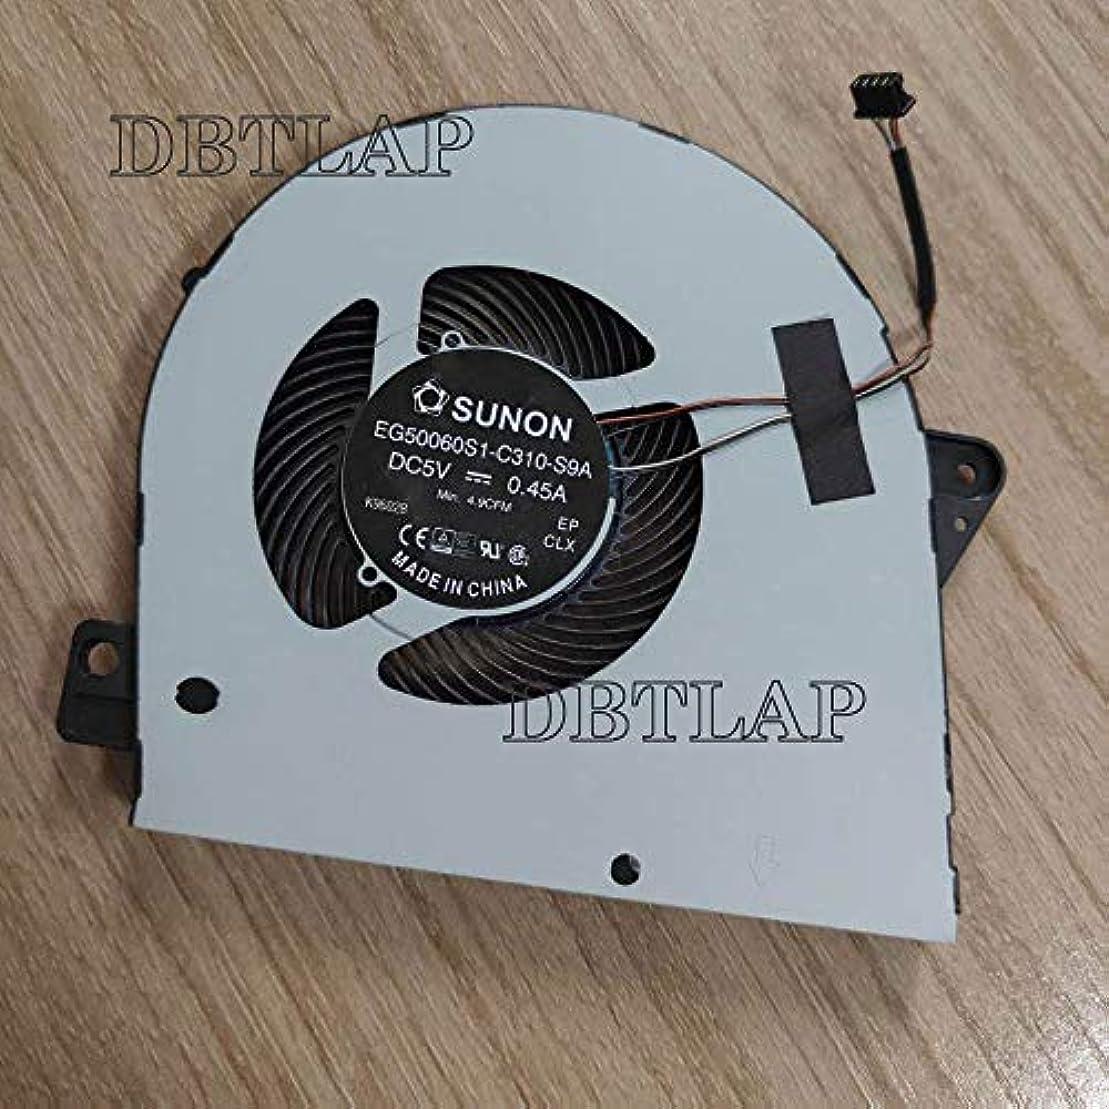 フィルタフルーティーガソリンDBTLAP ラップトップ CPU 冷却ファン と互換性があります DELL Latitude 5580 E5580 EG50060S1-C310-S9A DC5V 0.45A